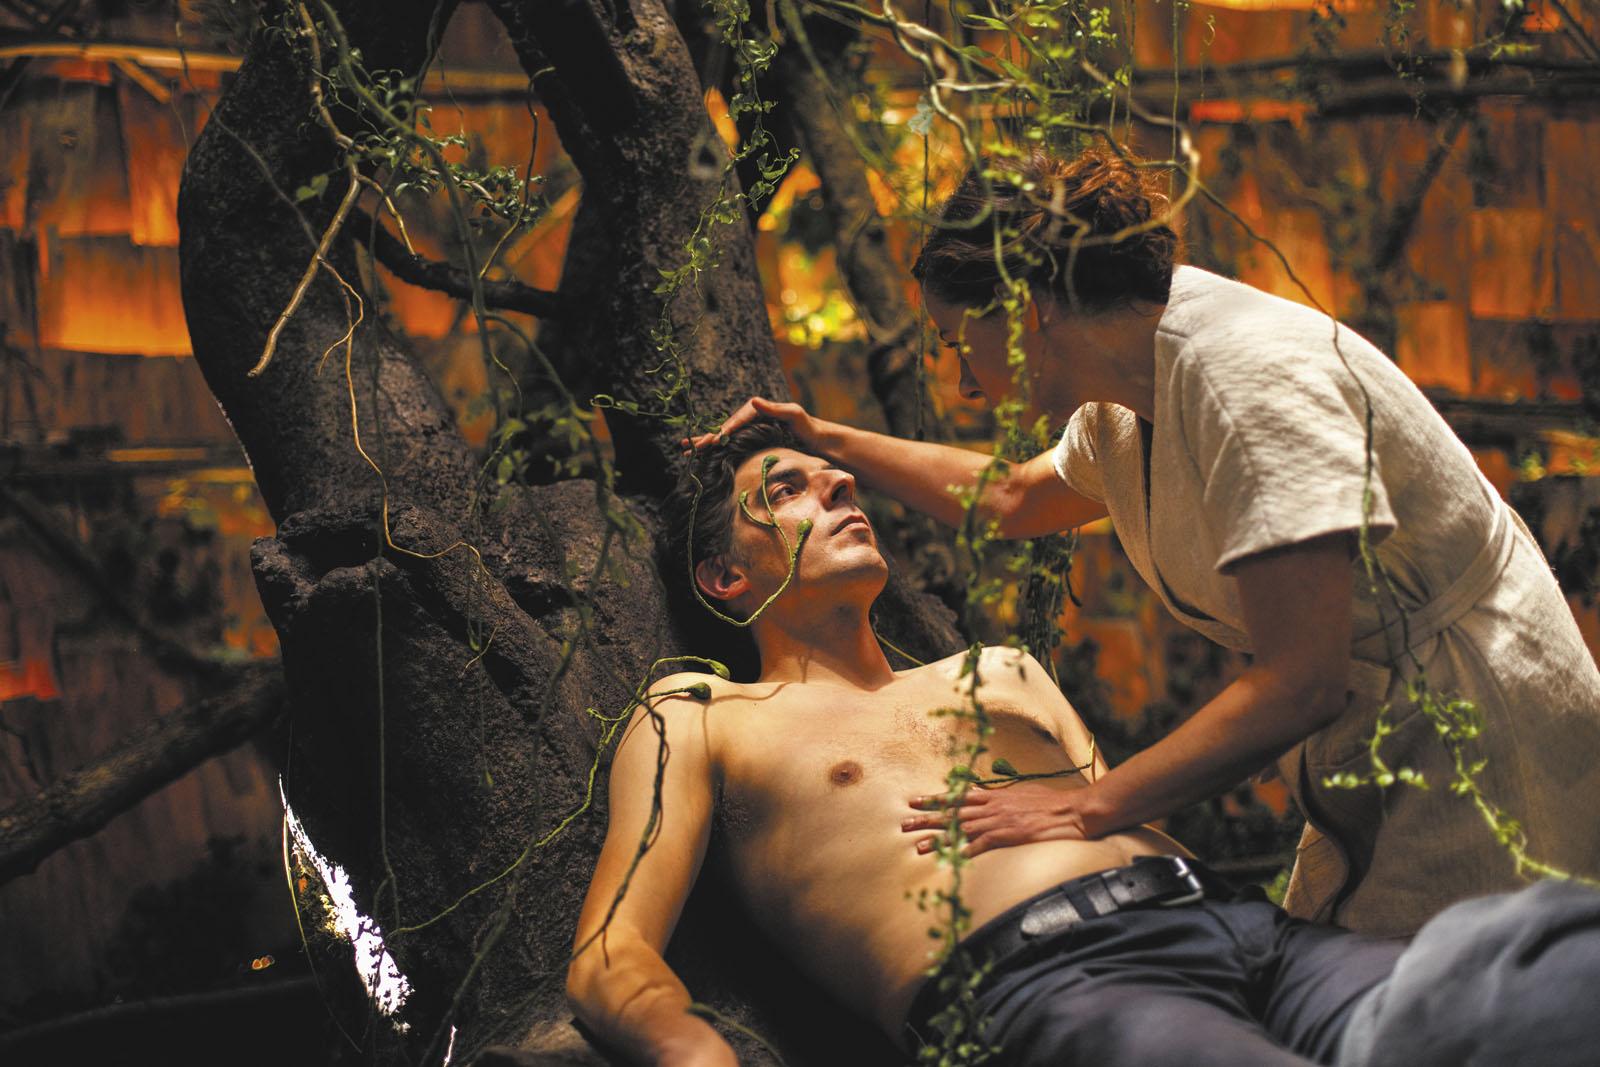 Rester vertical - Damien Bonnard